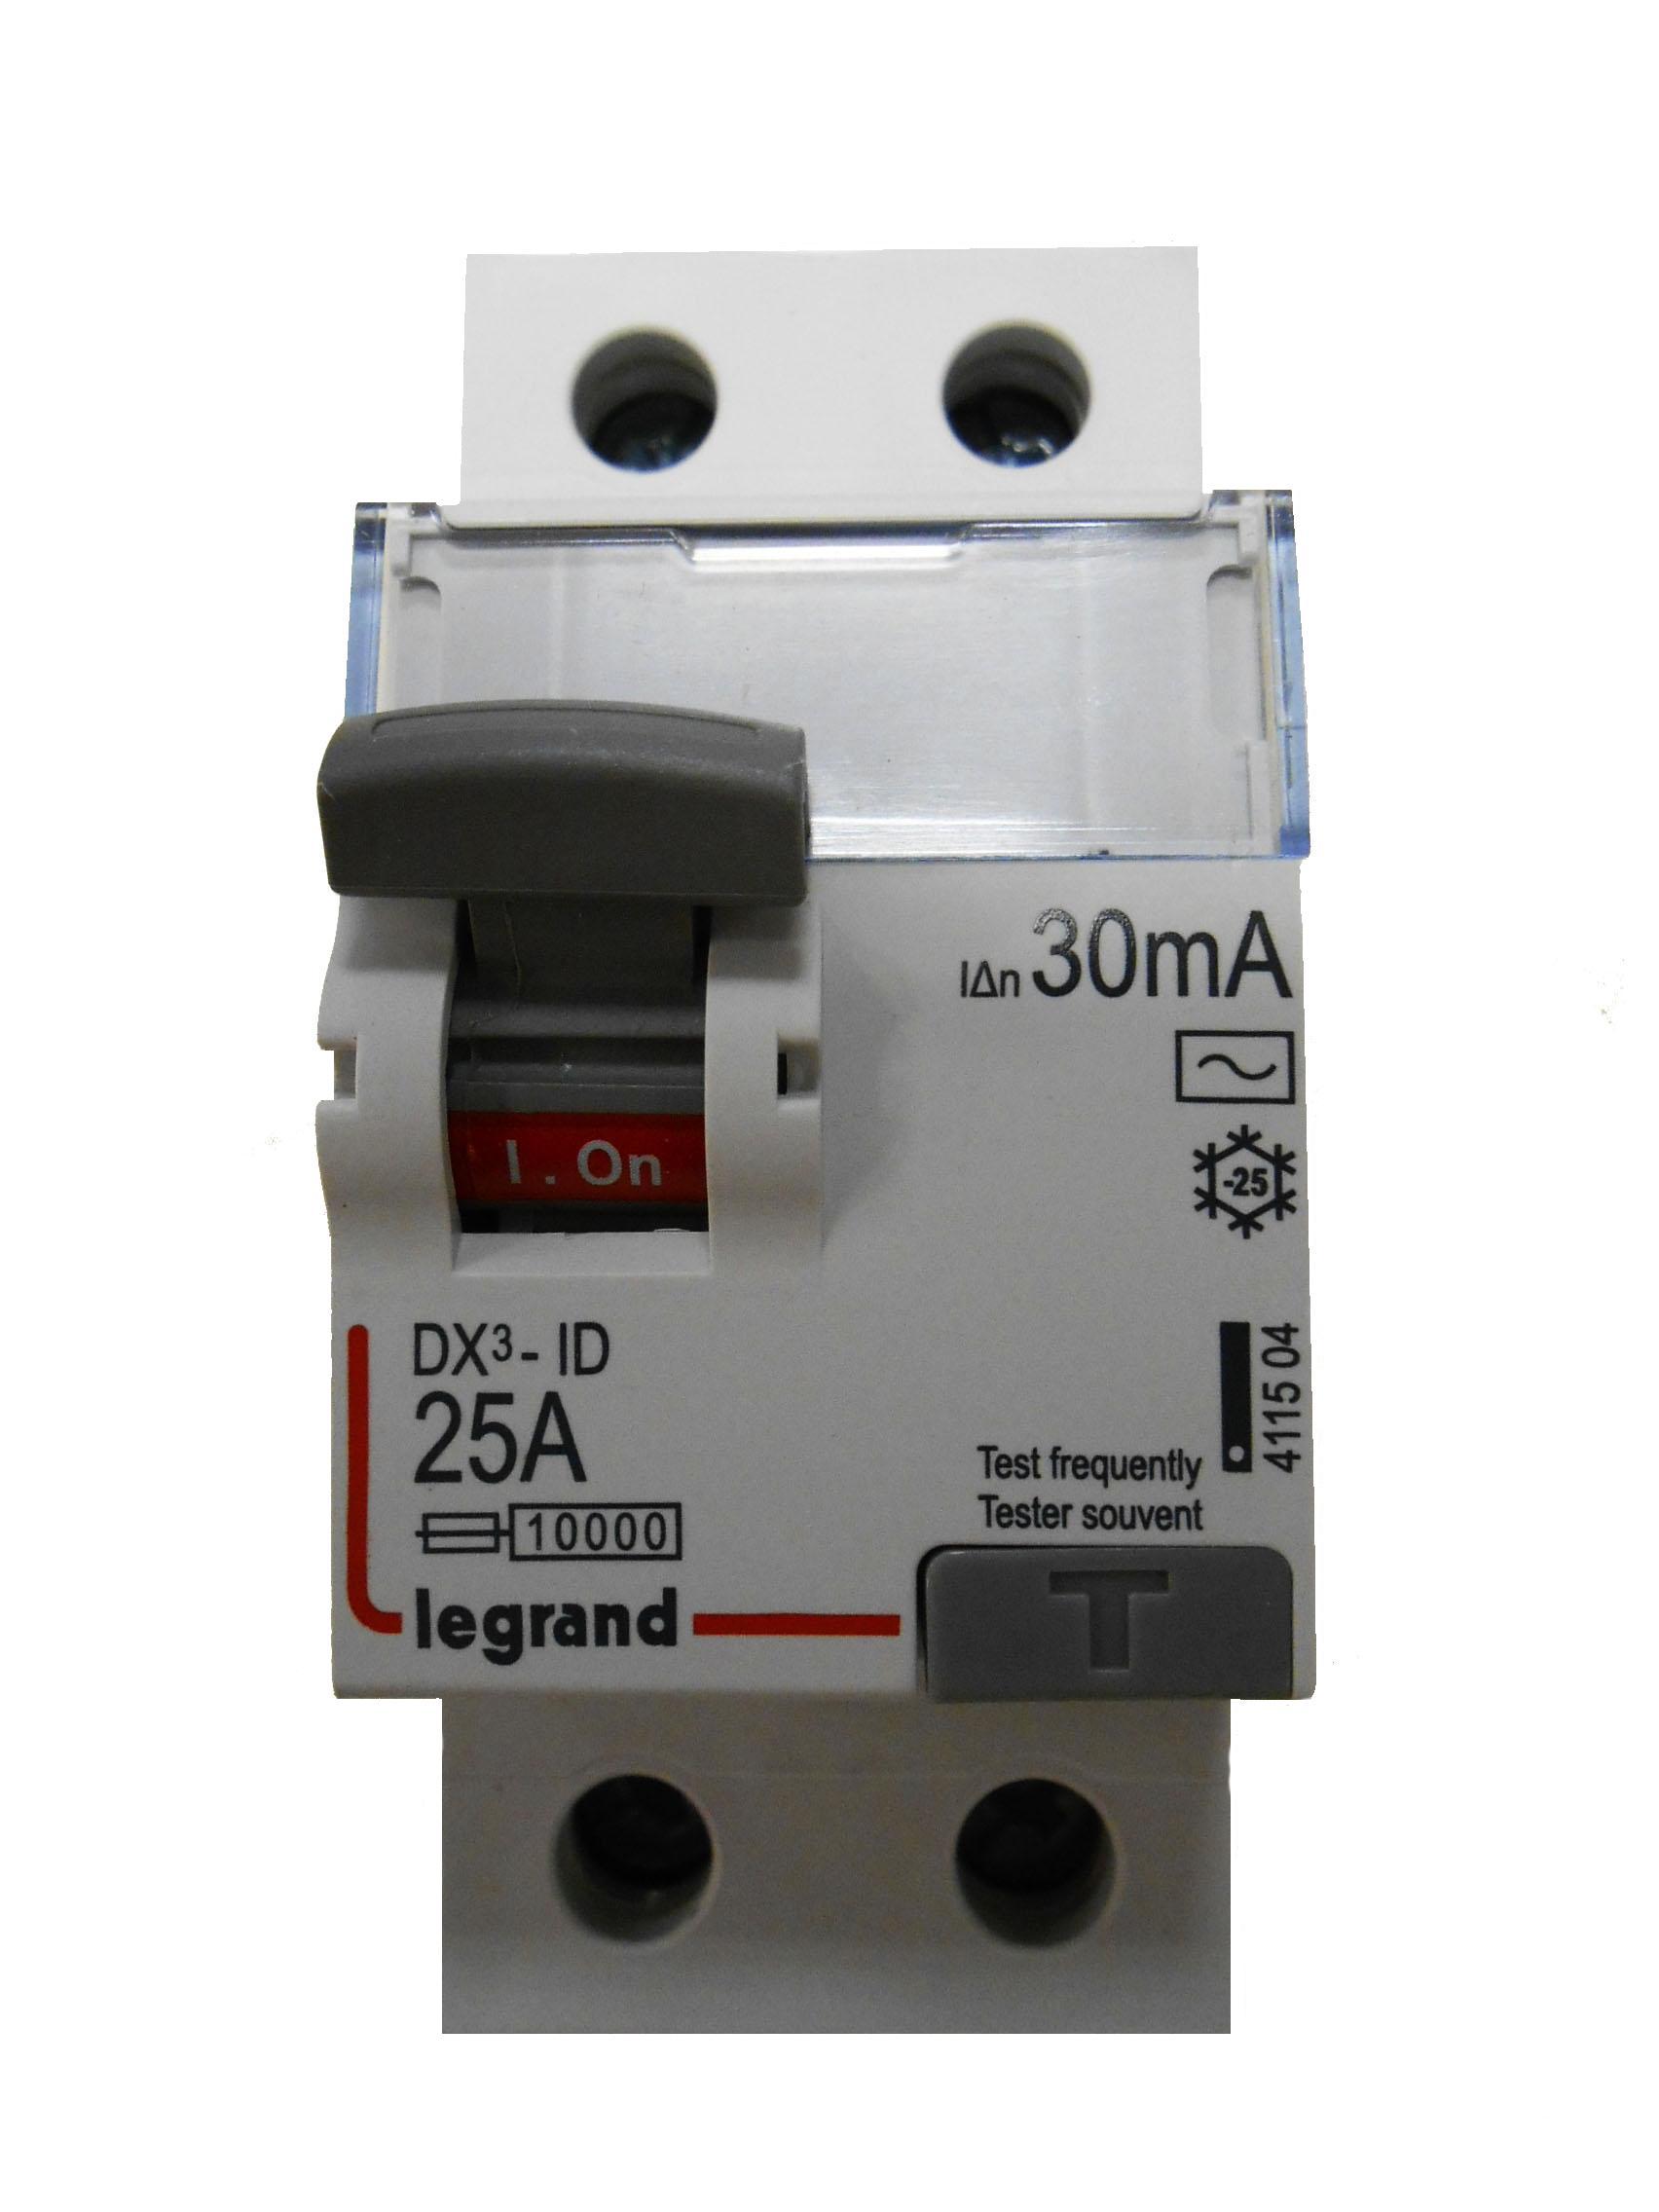 УЗО LegrandАвтоматические выключатели<br>Номинальный ток: 25,<br>Тип выключателя: дифавтомат,<br>Количество полюсов: 2,<br>Номинальная отключающая способность: 6000,<br>Номинальный отключающий дифференциальный ток: 30,<br>Степень защиты от пыли и влаги: IP 20,<br>Количество модулей: 2<br>